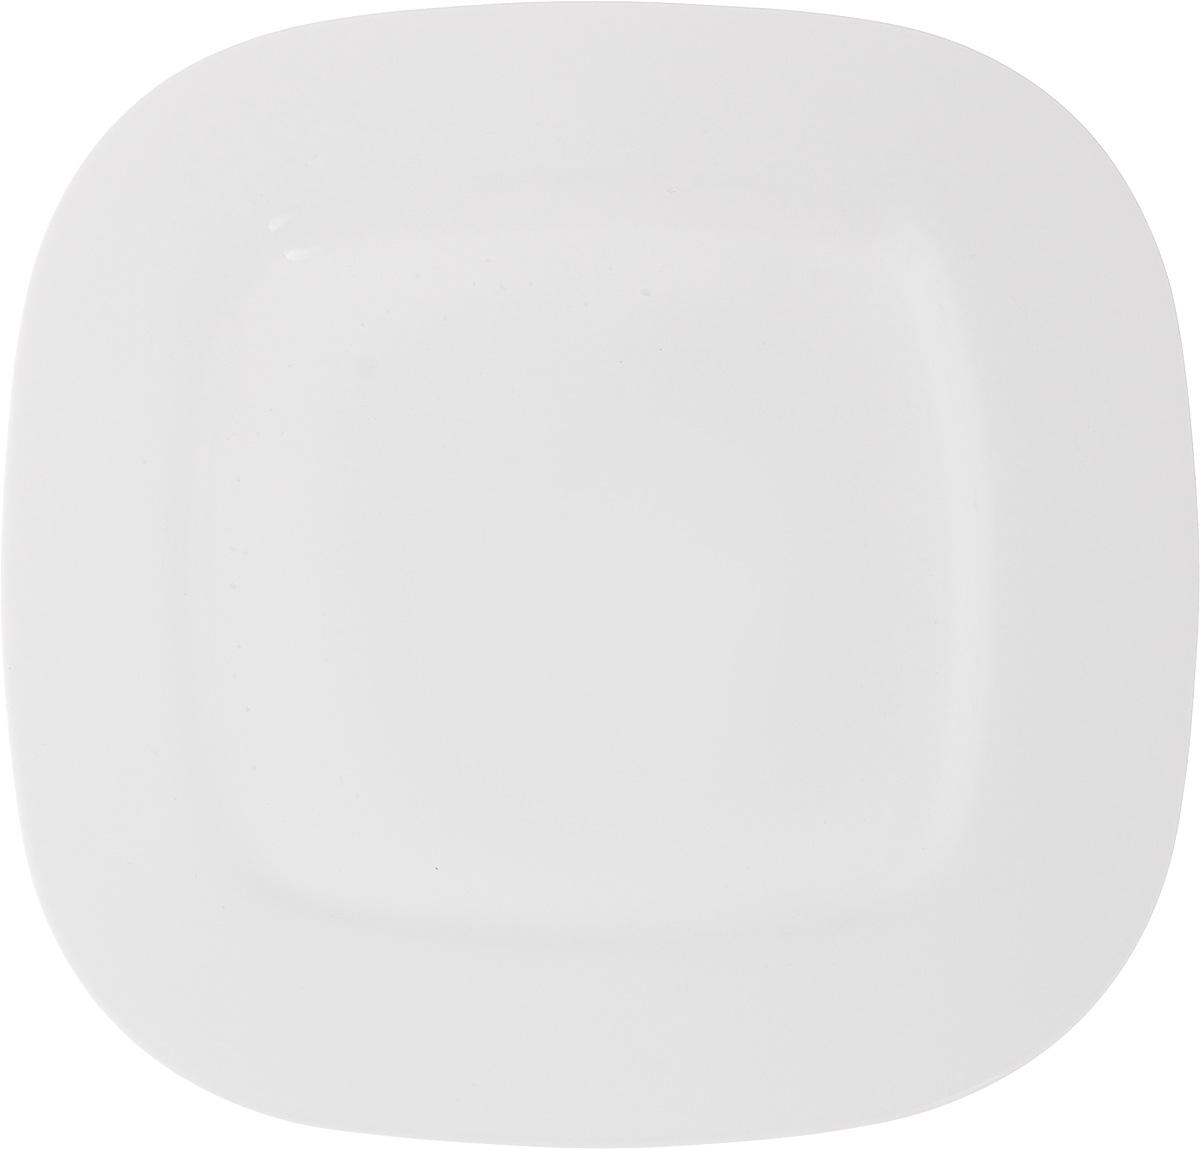 Тарелка обеденная Luminarc Squera, 28 х 28 смH0076Обеденная тарелка Luminarc Squera, изготовленная из высококачественного стекла, имеет изысканный внешний вид. Яркий дизайн придется по вкусу и ценителям классики, и тем, кто предпочитает утонченность. Тарелка Luminarc Squera идеально подойдет для сервировки вторых блюд из птицы, рыбы, мяса или овощей, а также станет отличным подарком к любому празднику. Размер тарелки (по верхнему краю): 28 х 28 см.